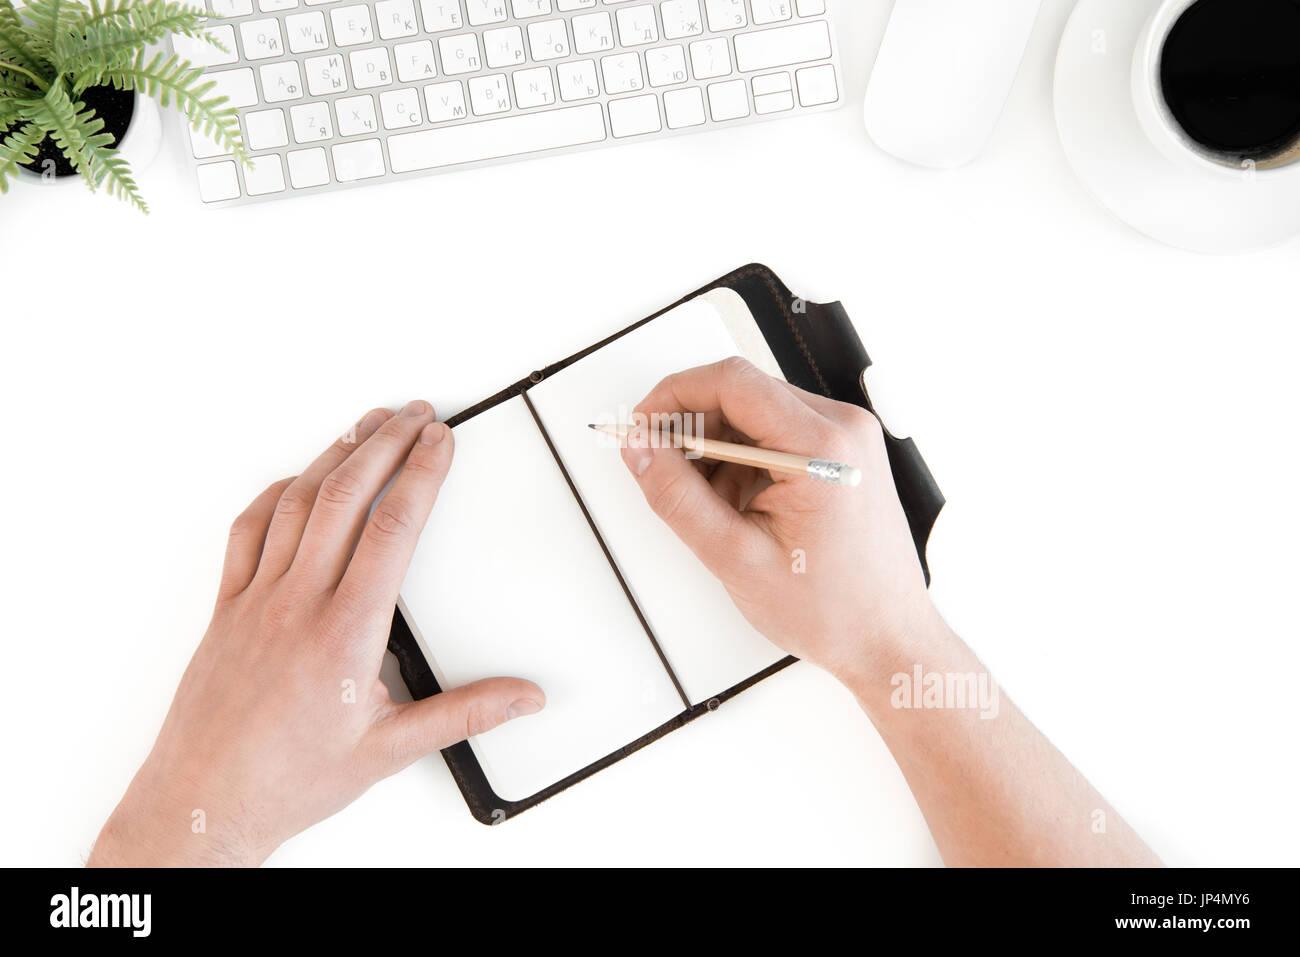 Vista superior de la persona escrito en diario en el lugar de trabajo con el teclado de ordenador, aislado en blanco Imagen De Stock